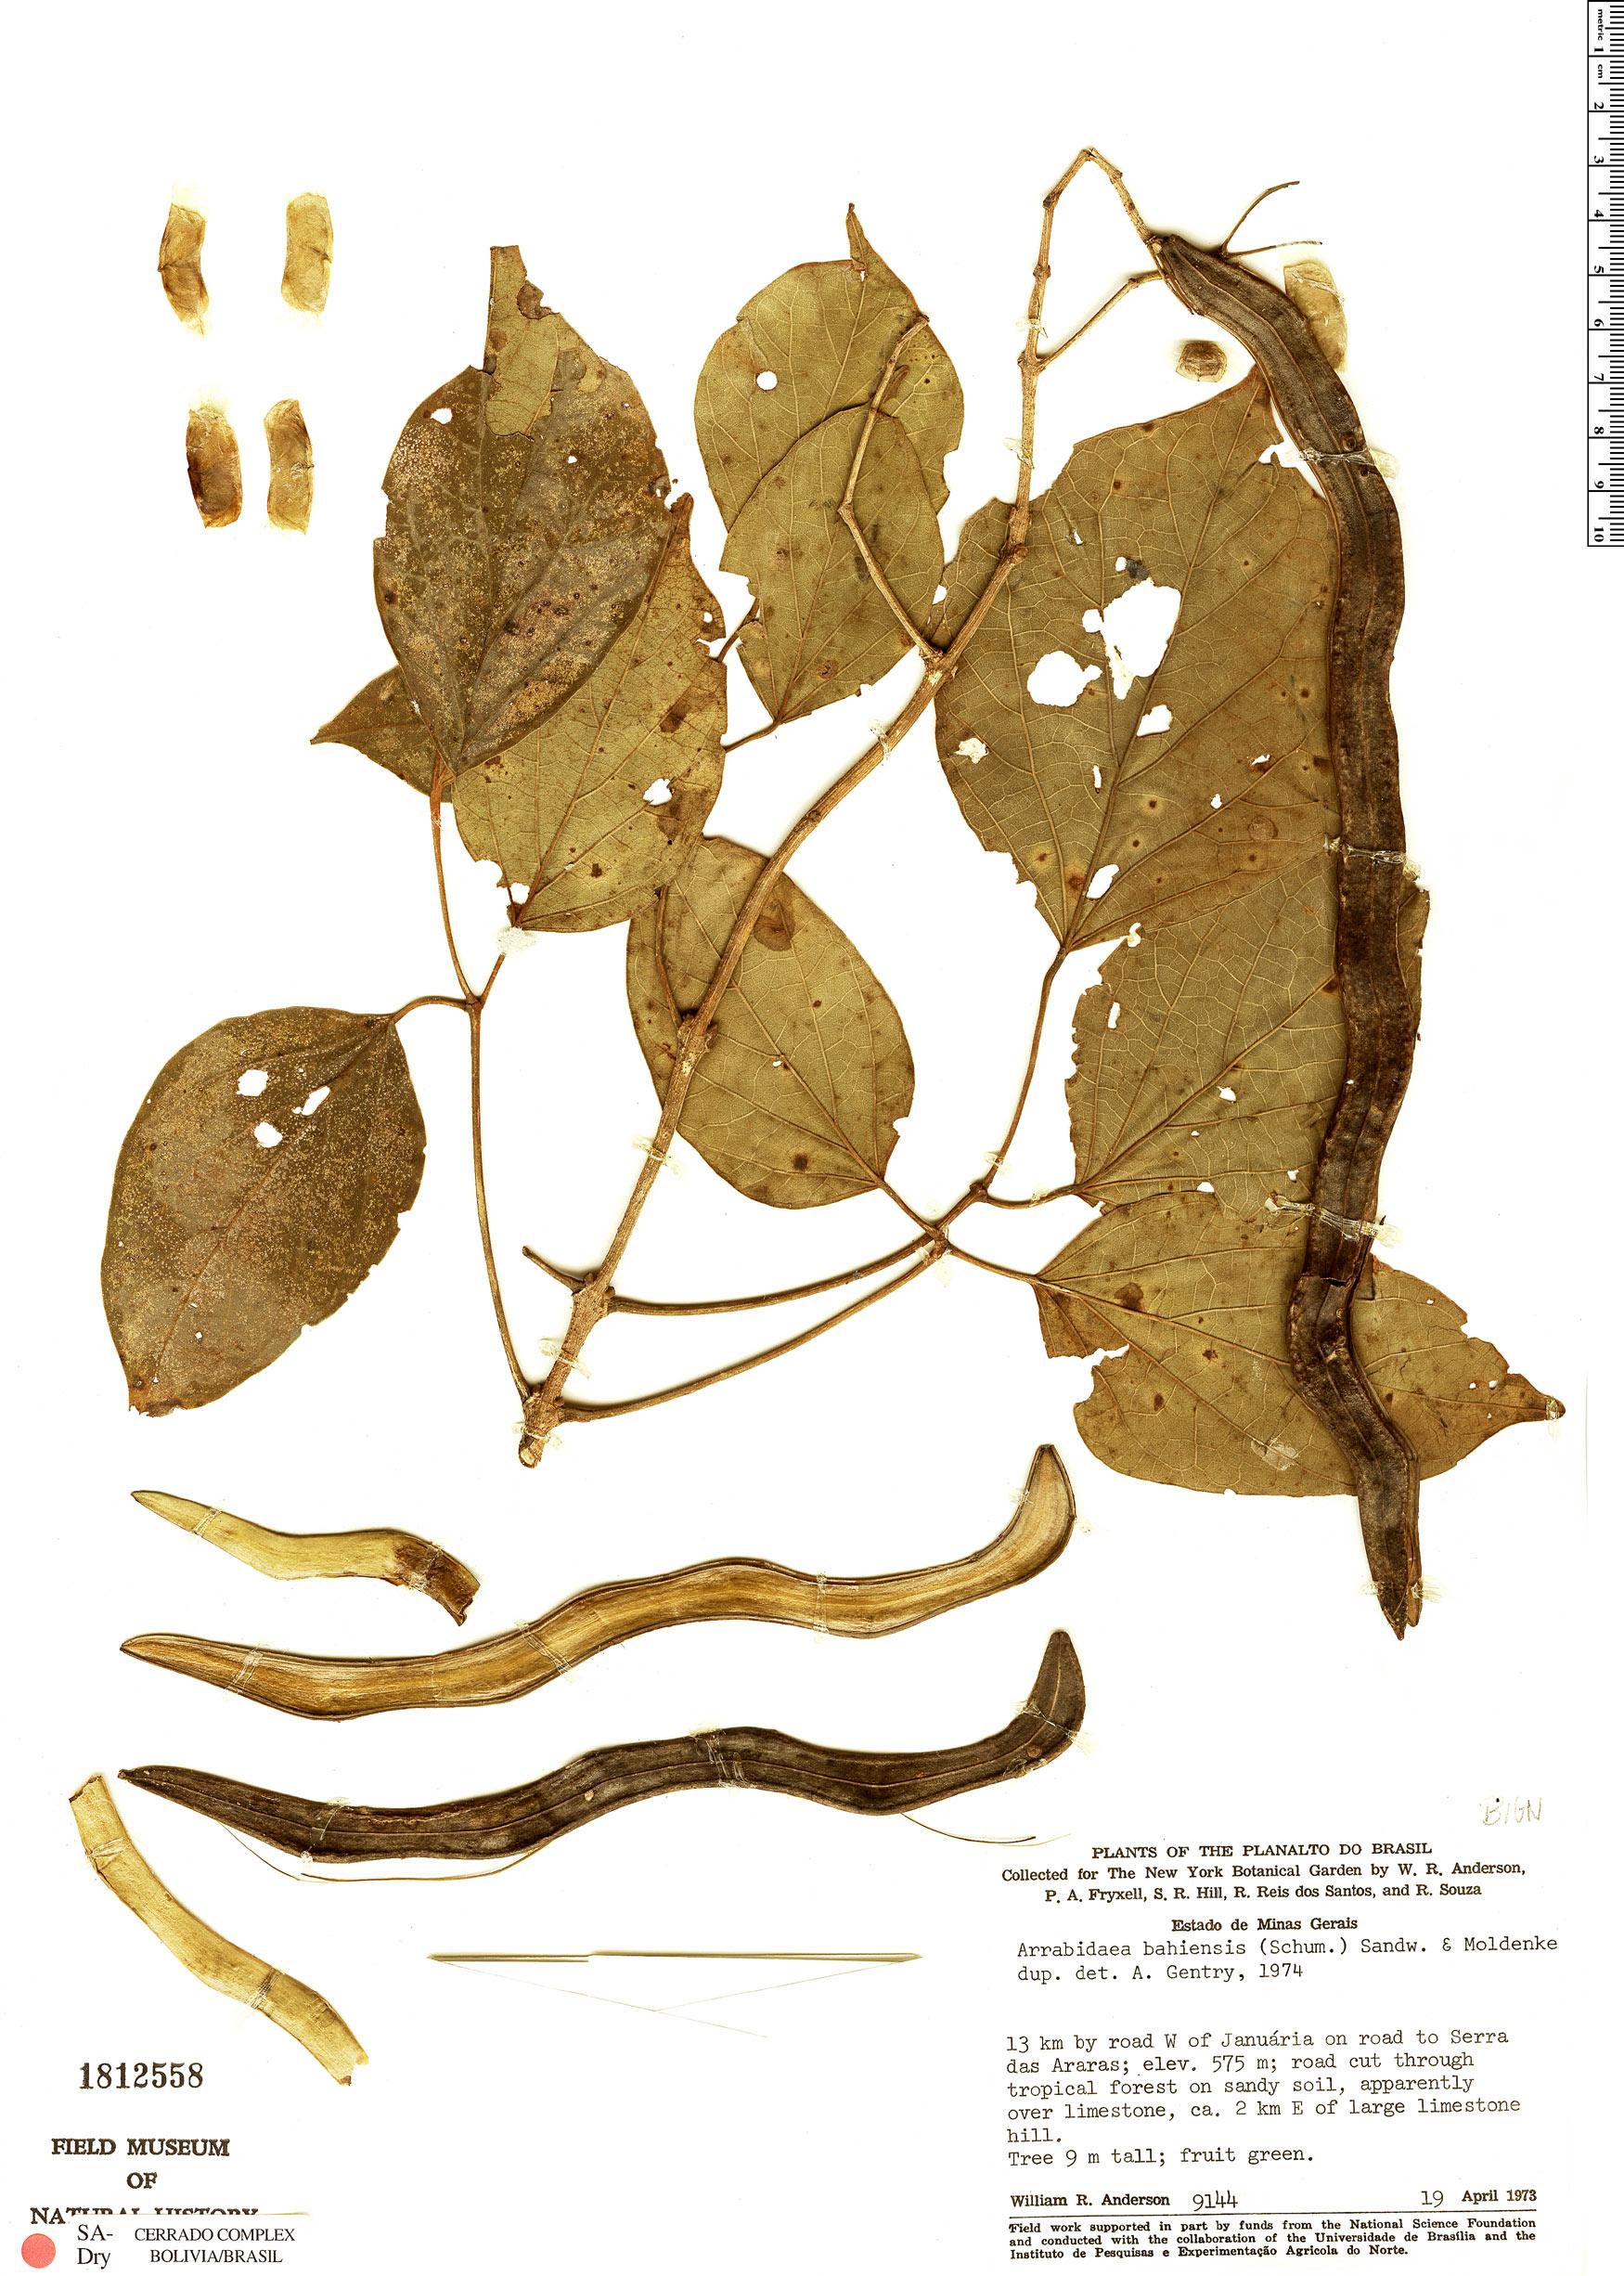 Specimen: Fridericia bahiensis